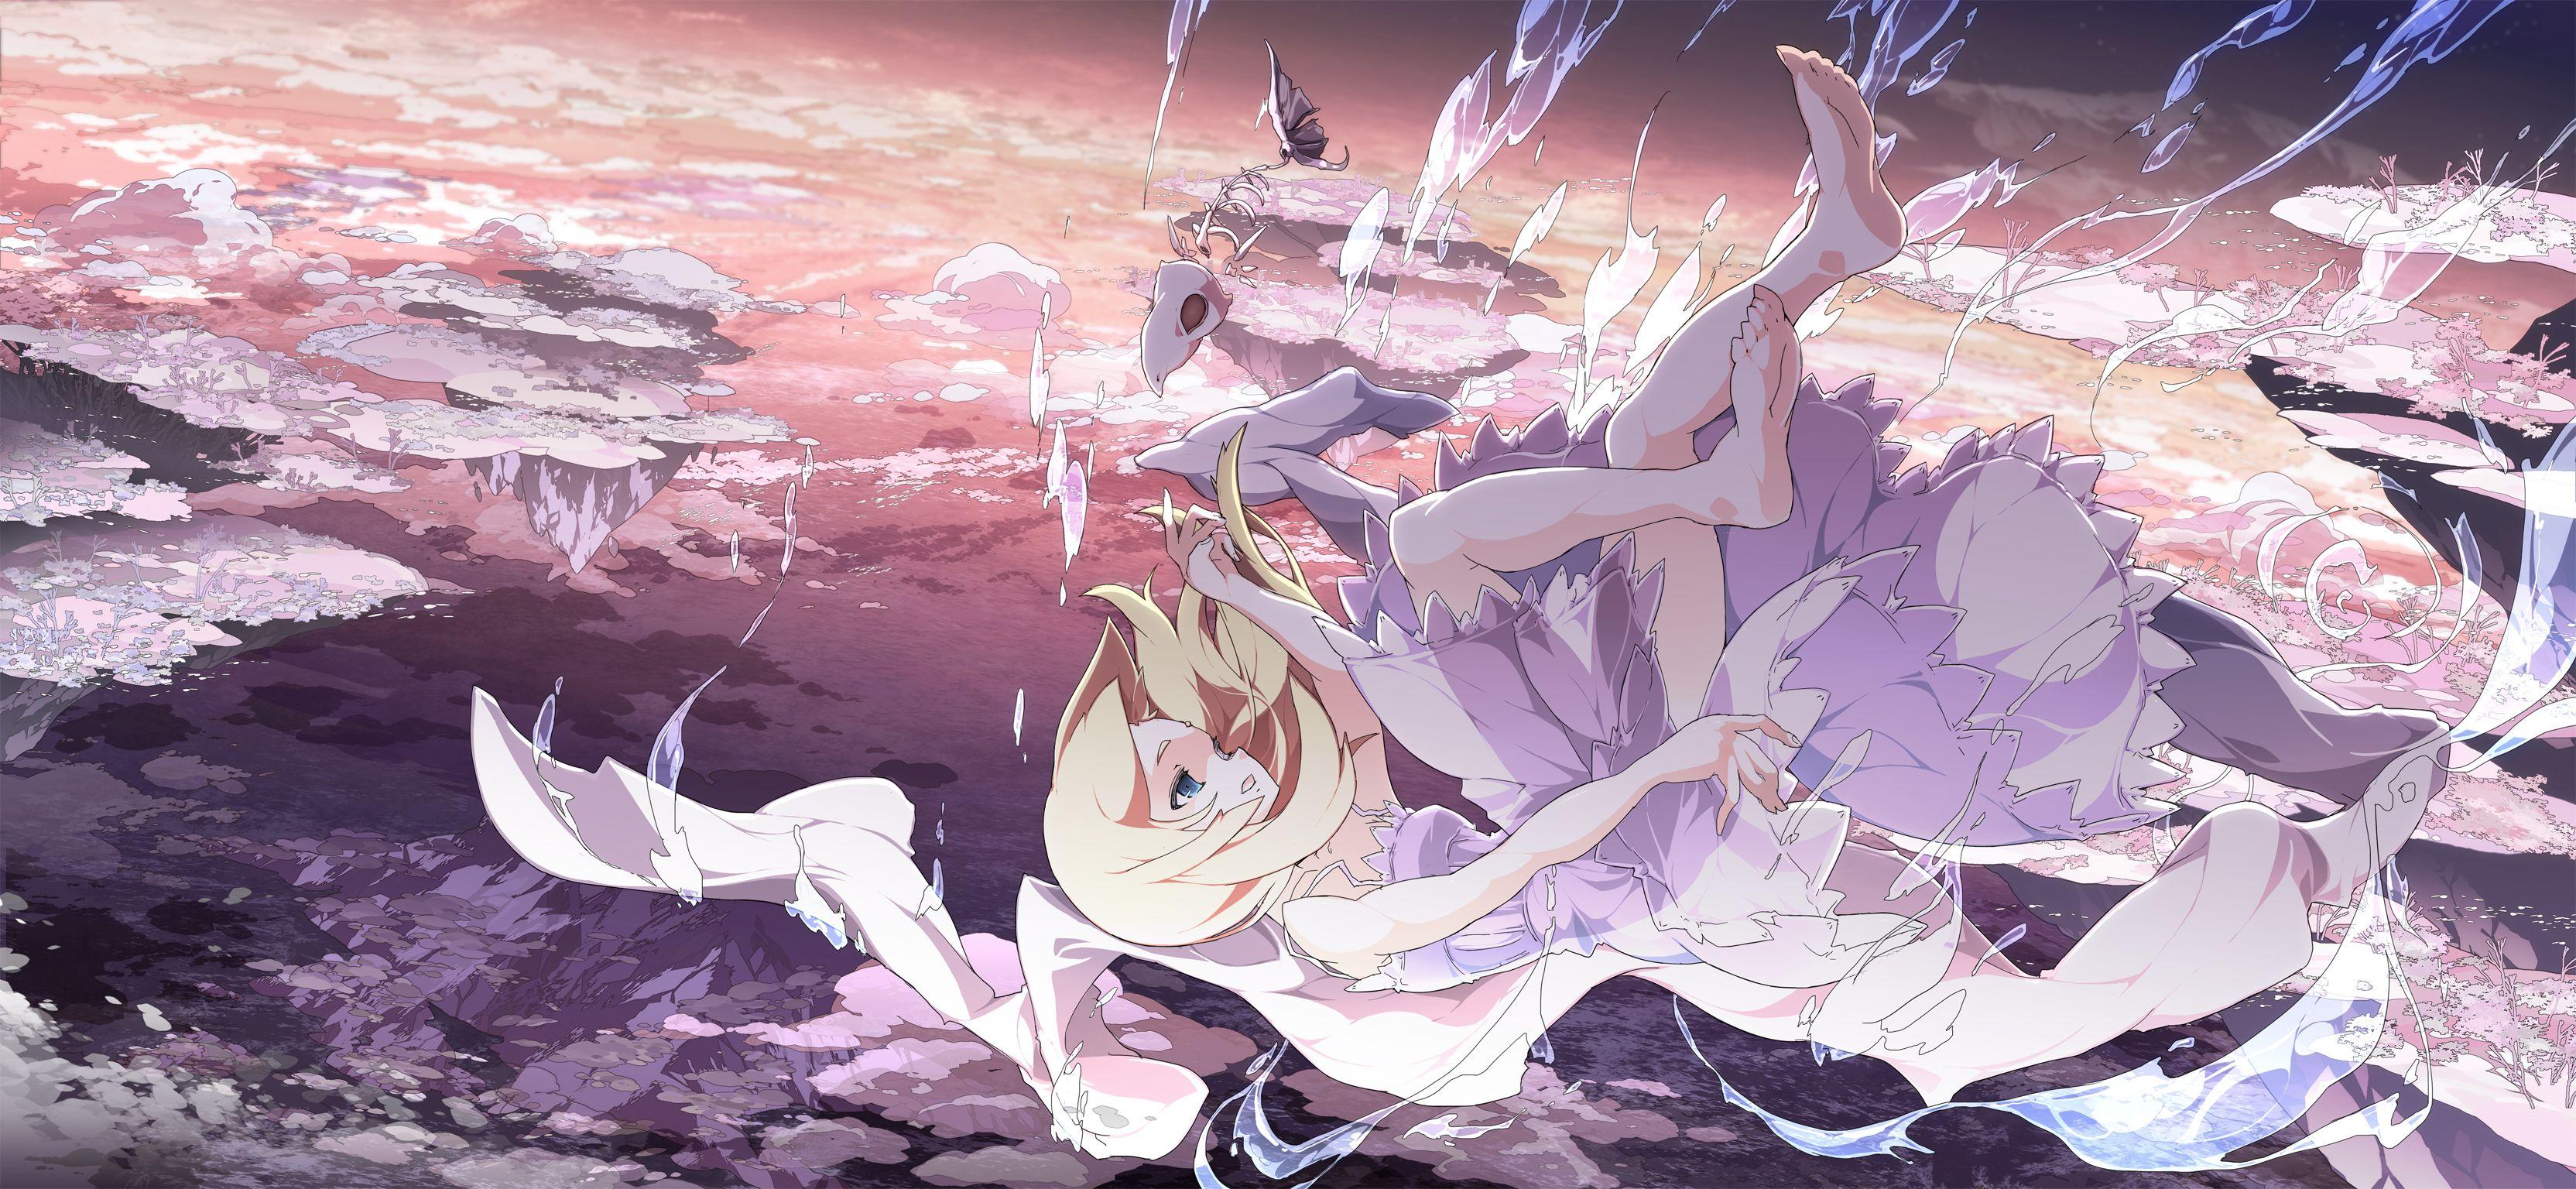 Anime Wallpaper 2020 Sky anime Anime wallpaper Cool anime 3328x1536